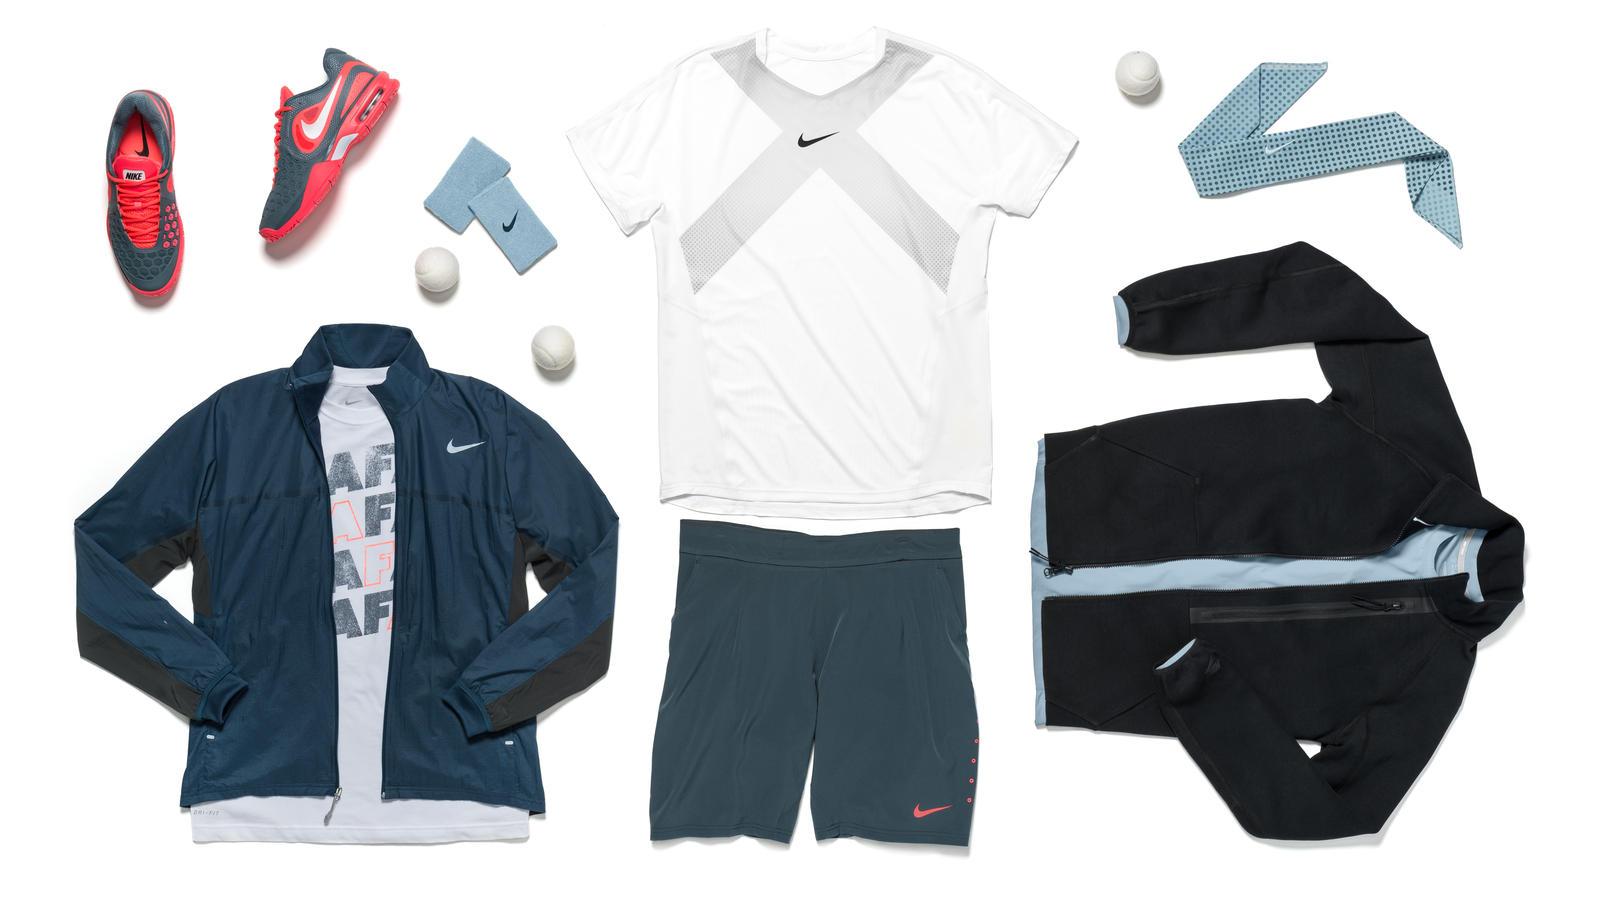 Nike Tennis Rafa - NYC 2013